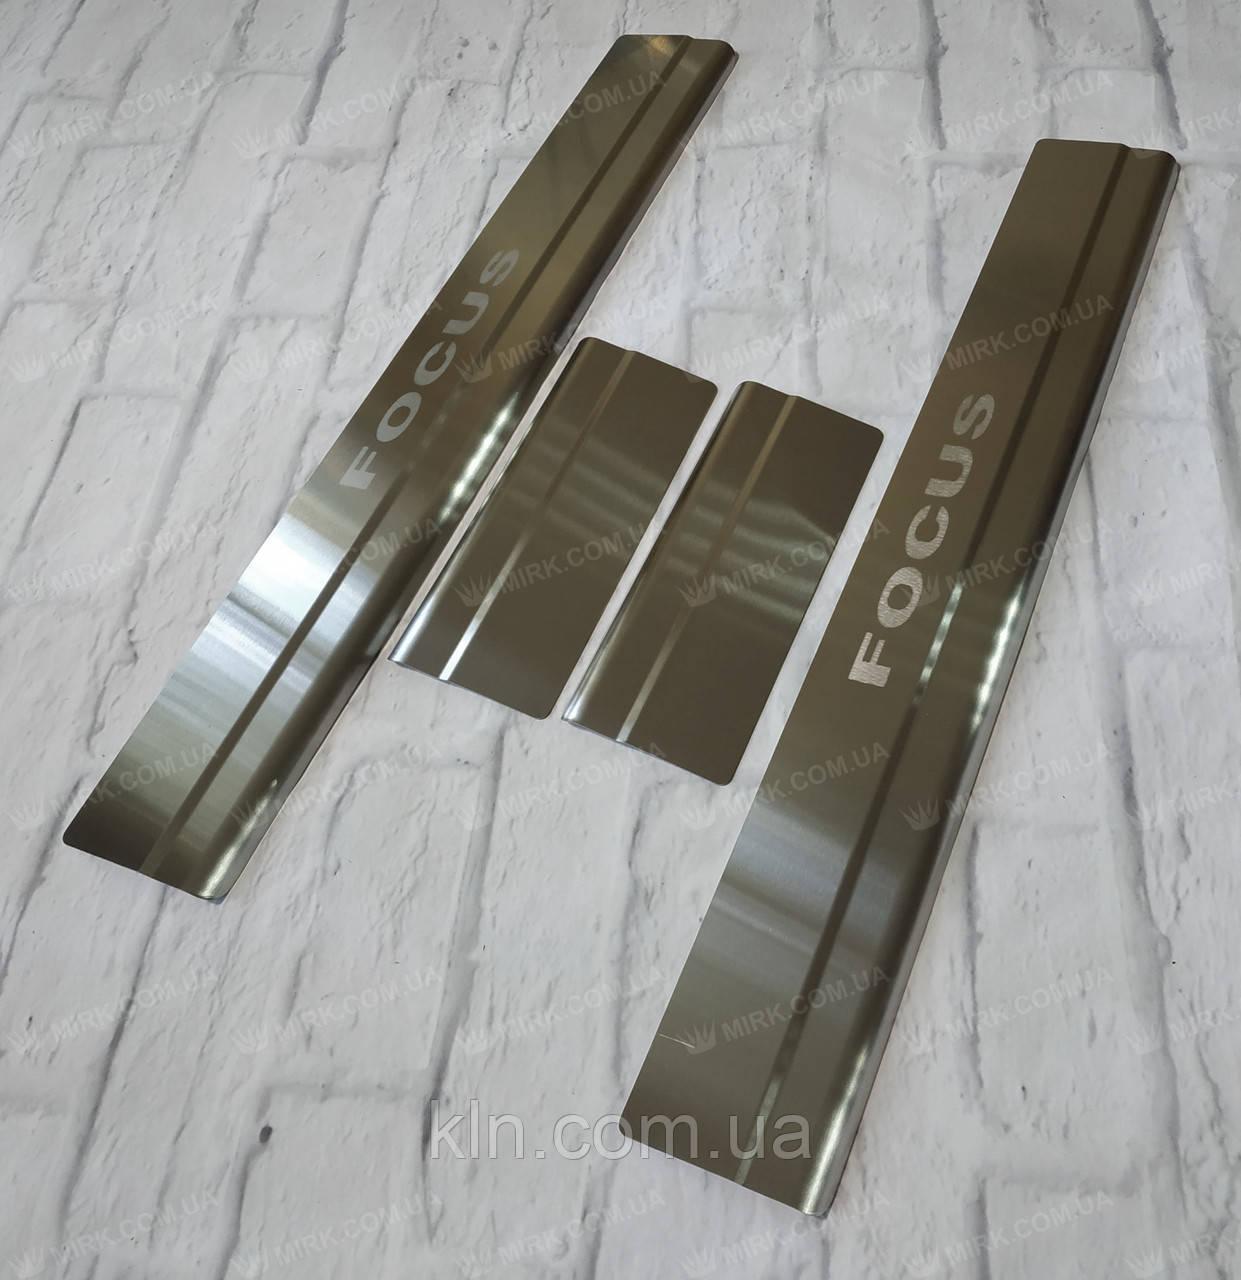 Накладки на пороги металлические  FORD FOCUS II 5D 2004-2010